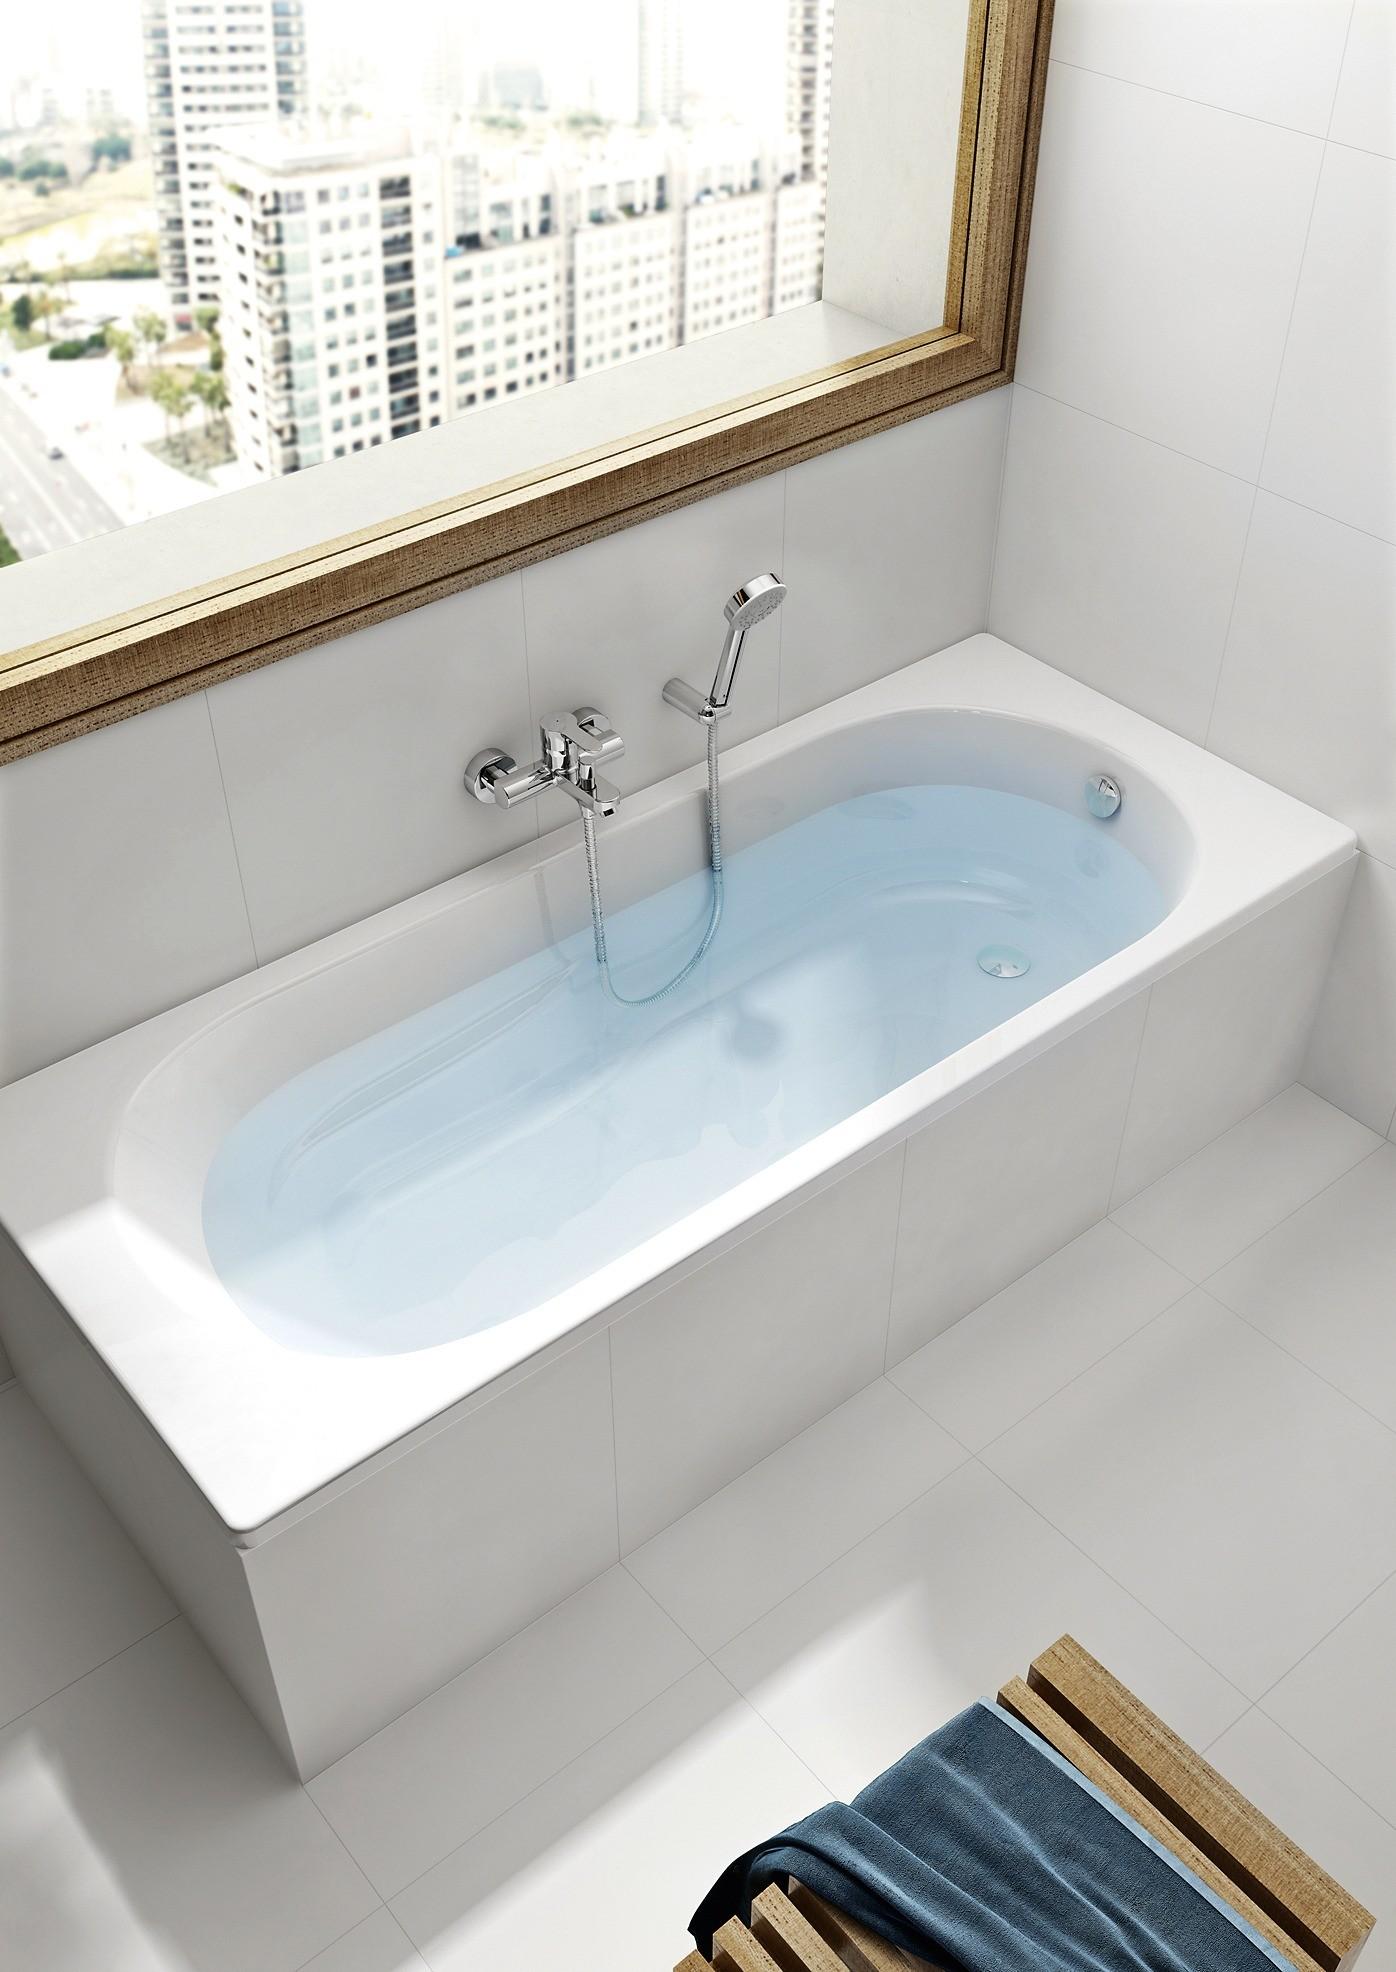 Одноместные ванны из 100%-го литьевого сантехнического акрила: Roca Genova-N (150 × 75 × 45 см) (11 200 руб.)